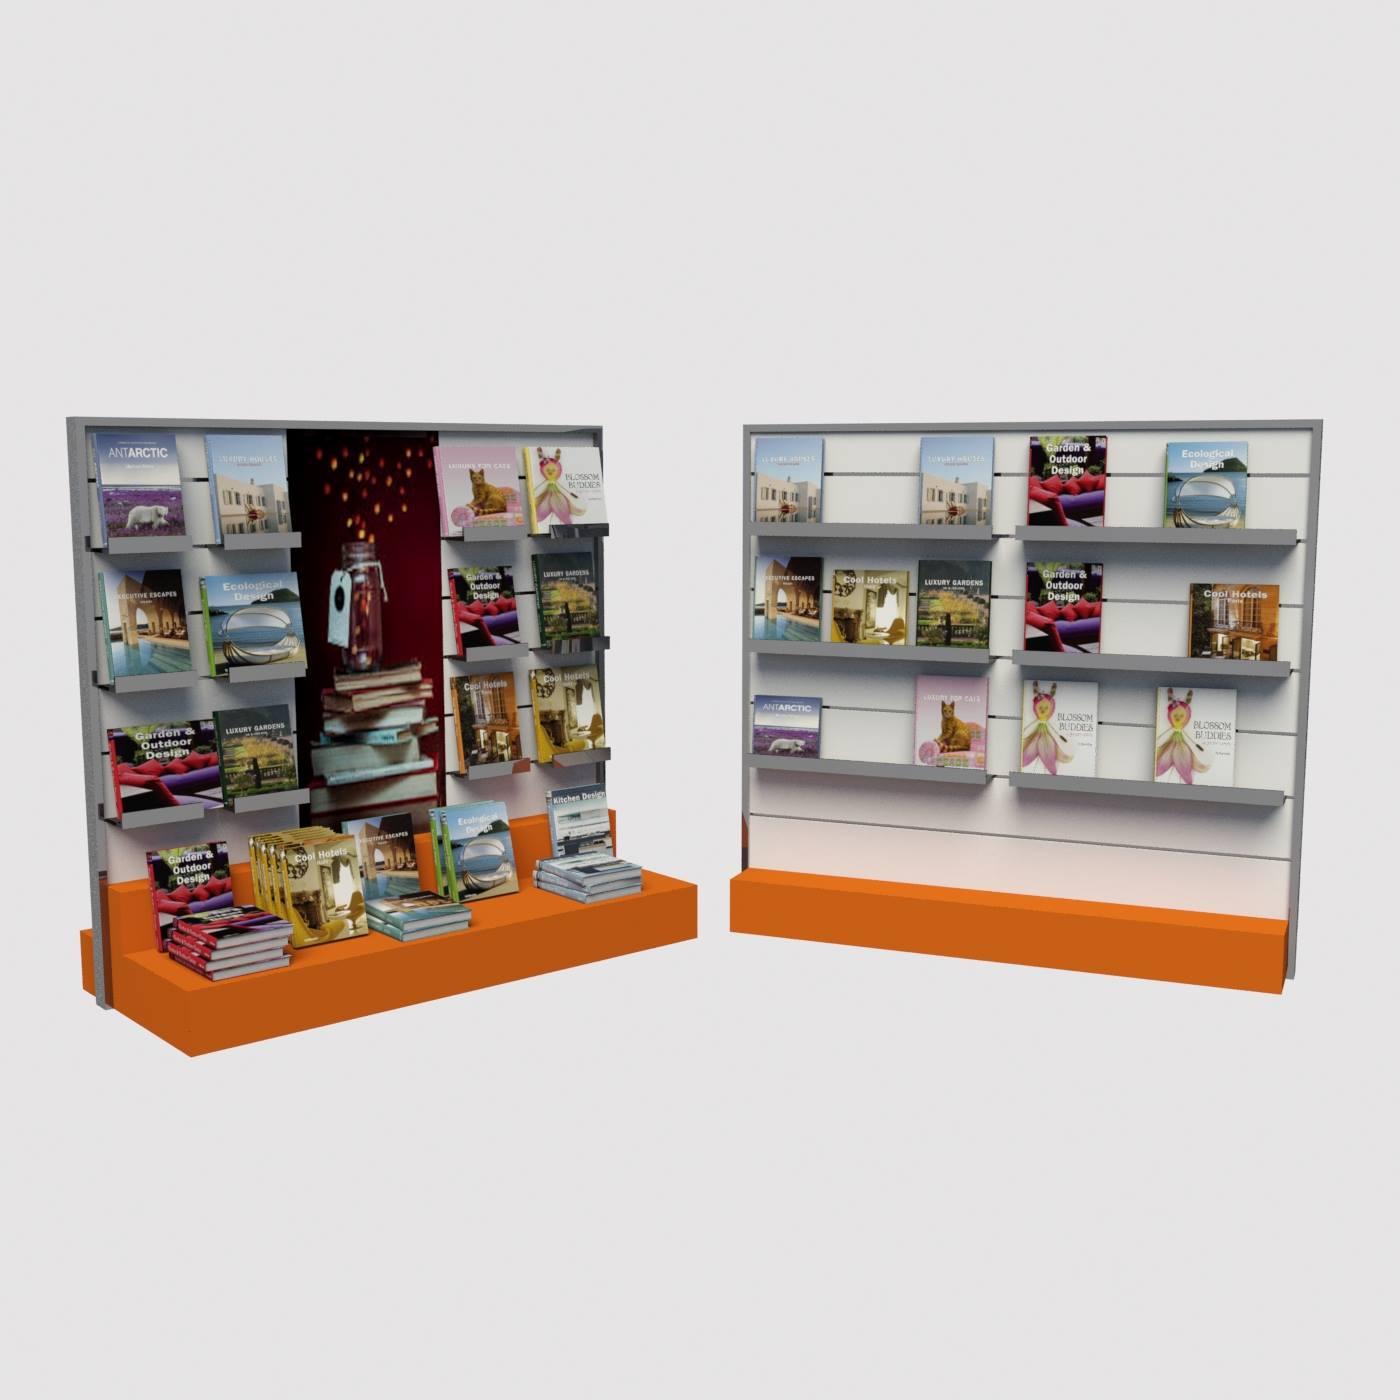 σταντ βιβλίου βιβλιοπωλείων ραφια βιβλία έπιπλα καταστημάτων επίπλωση βιβλιοπωλείου